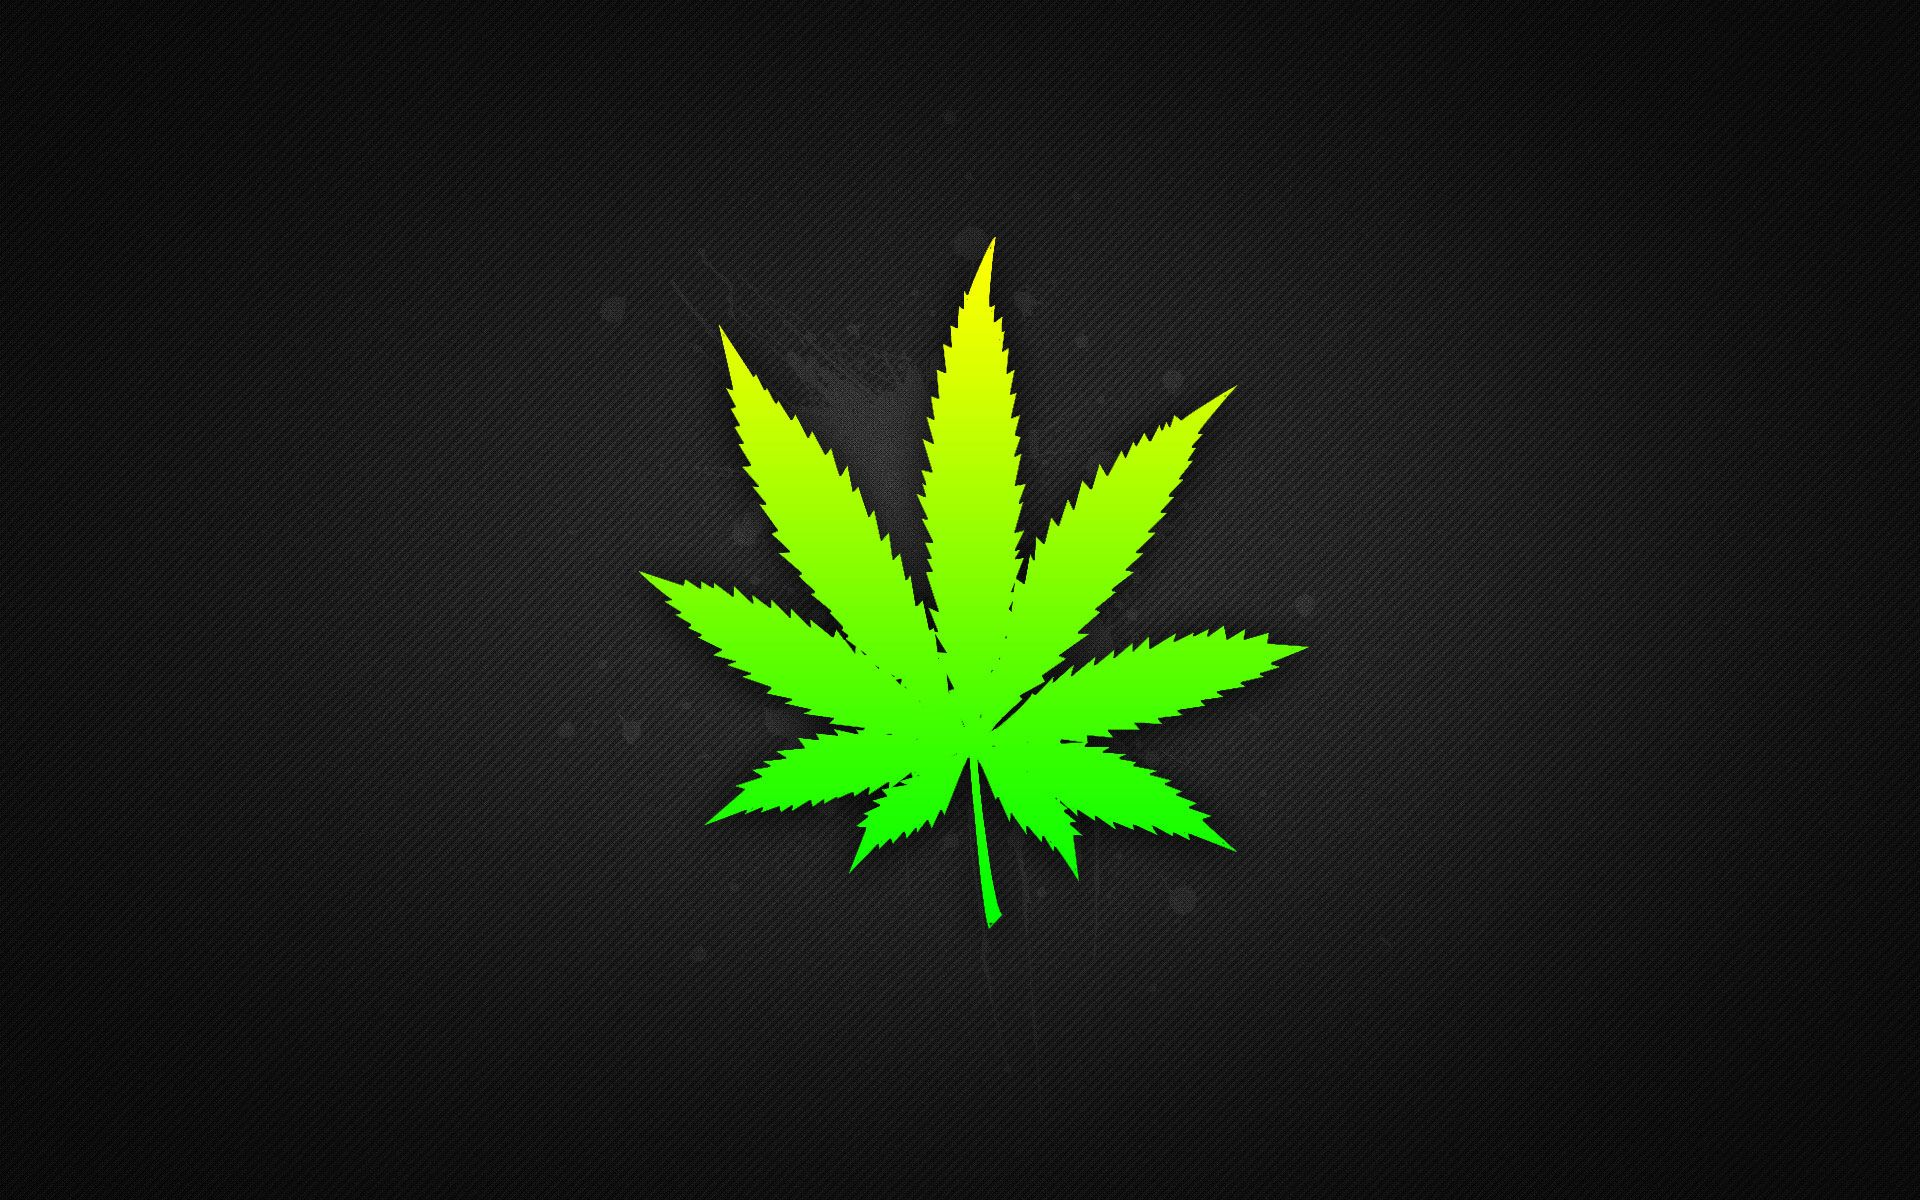 Weed Leaf Wallpapers HD | weed in 2019 | Pinterest | Weed wallpaper, Weed and Marijuana wallpaper